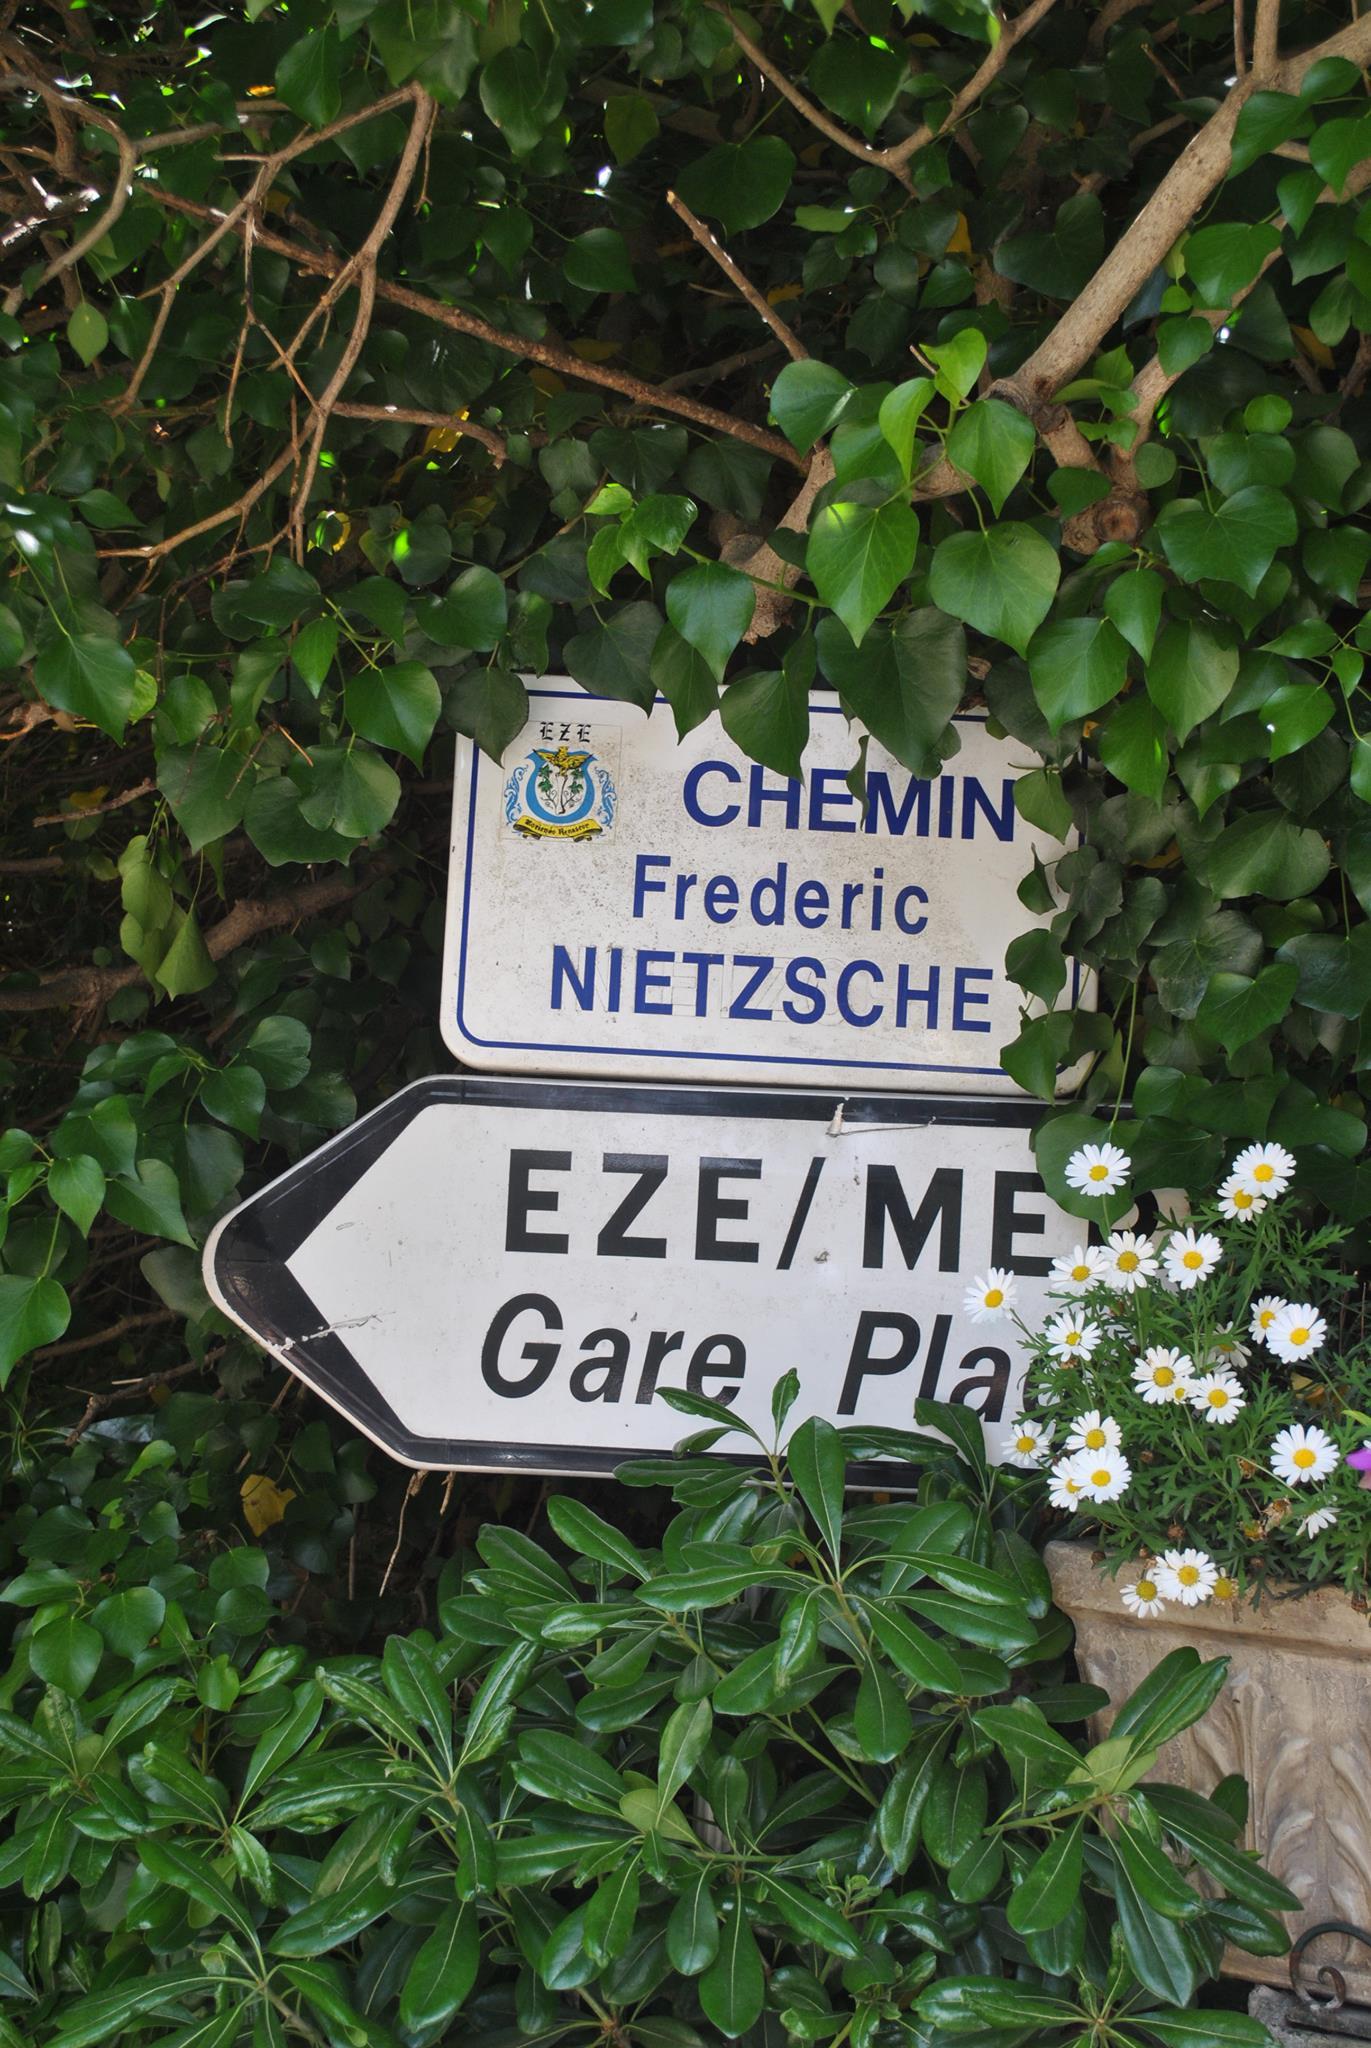 Le Chemin Nietzsche - Photograph by Sophia Di Vitto